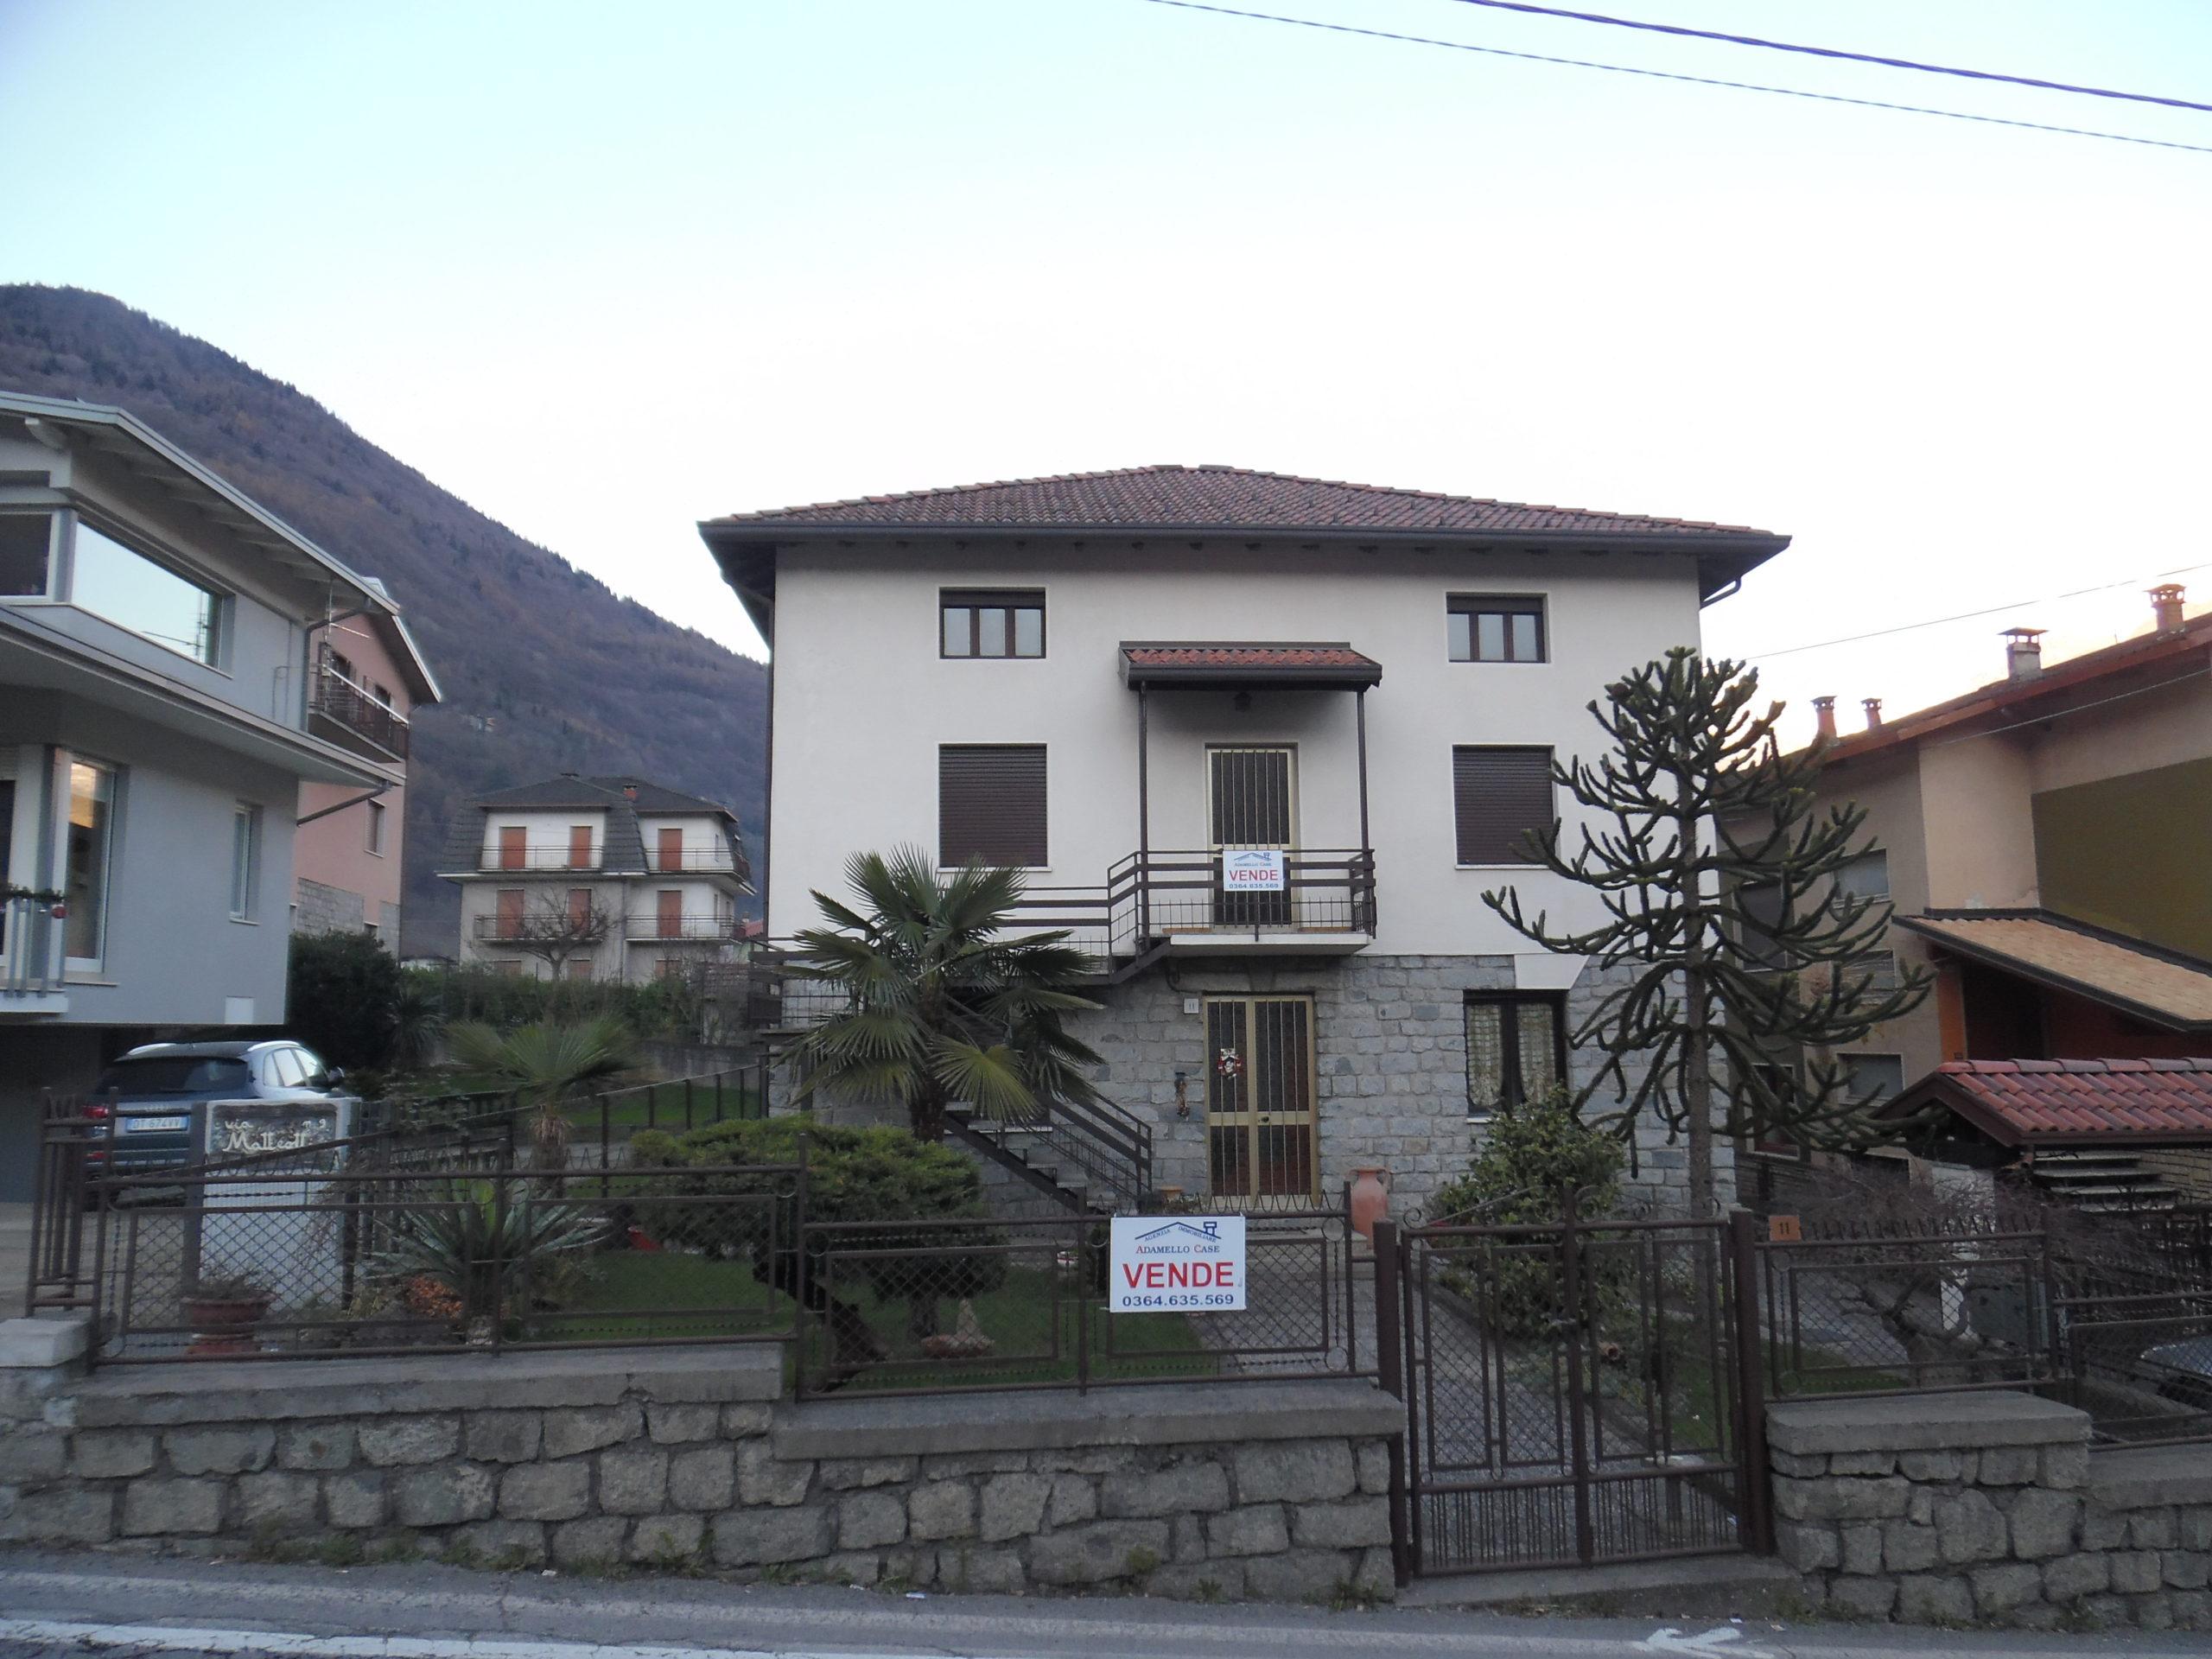 Malonno posizione comoda ai servizi villa indipendente con seconda casa e giardino